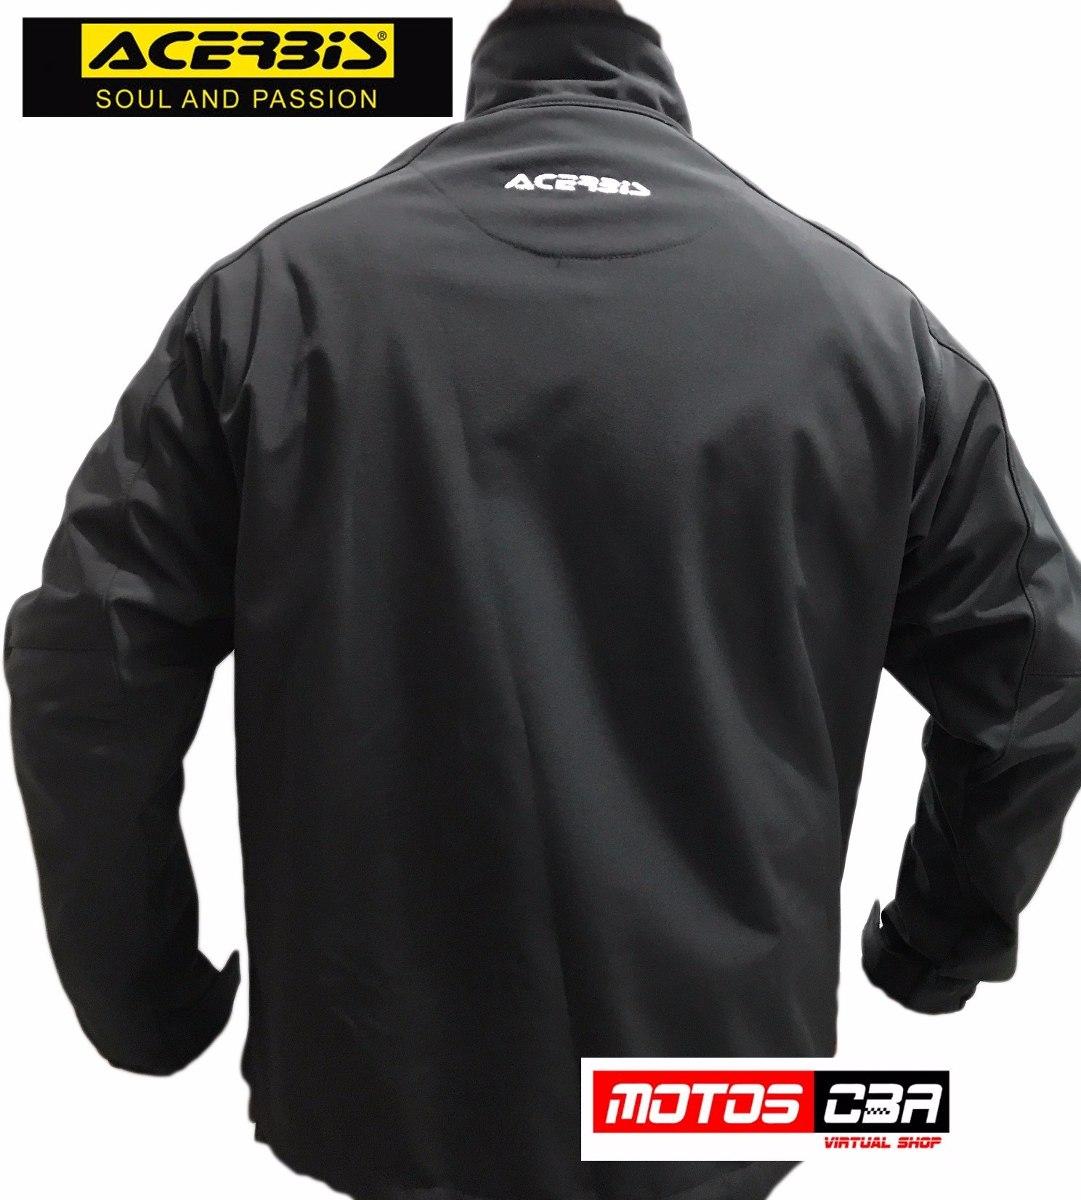 ff65a760553 campera termica moto acerbis softshell tecnico motoscba. Cargando zoom.